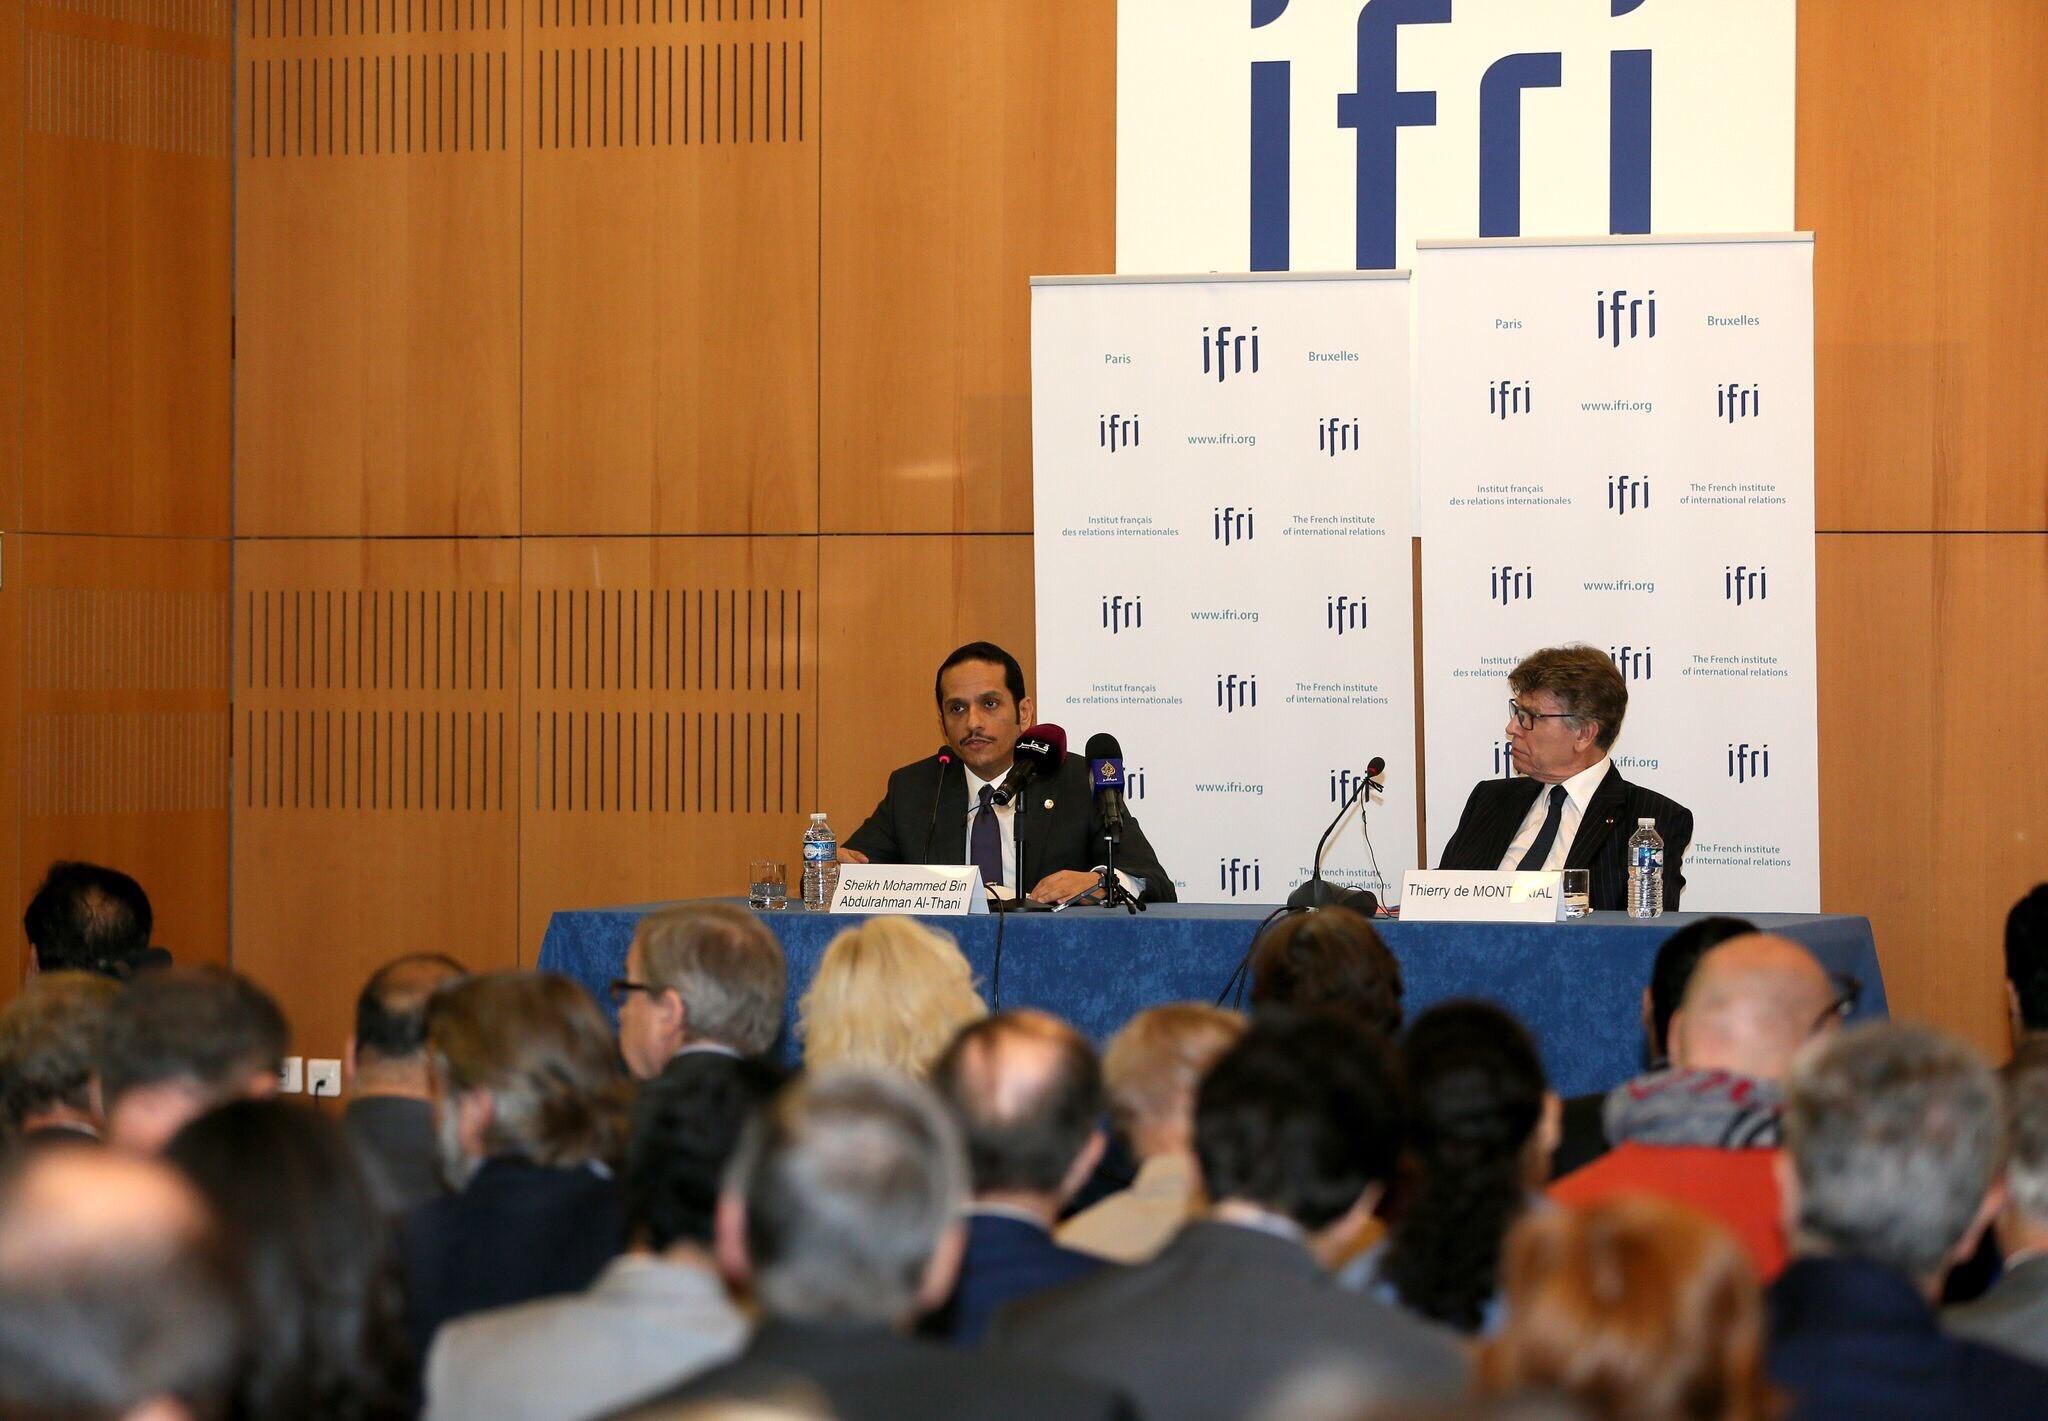 وزير الخارجية: الحصار أتاح فرصة للمواطنين القطريين لإبراز المبادئ والقيم التي يؤمنون بها والمتمثلة في التسامح والعدل